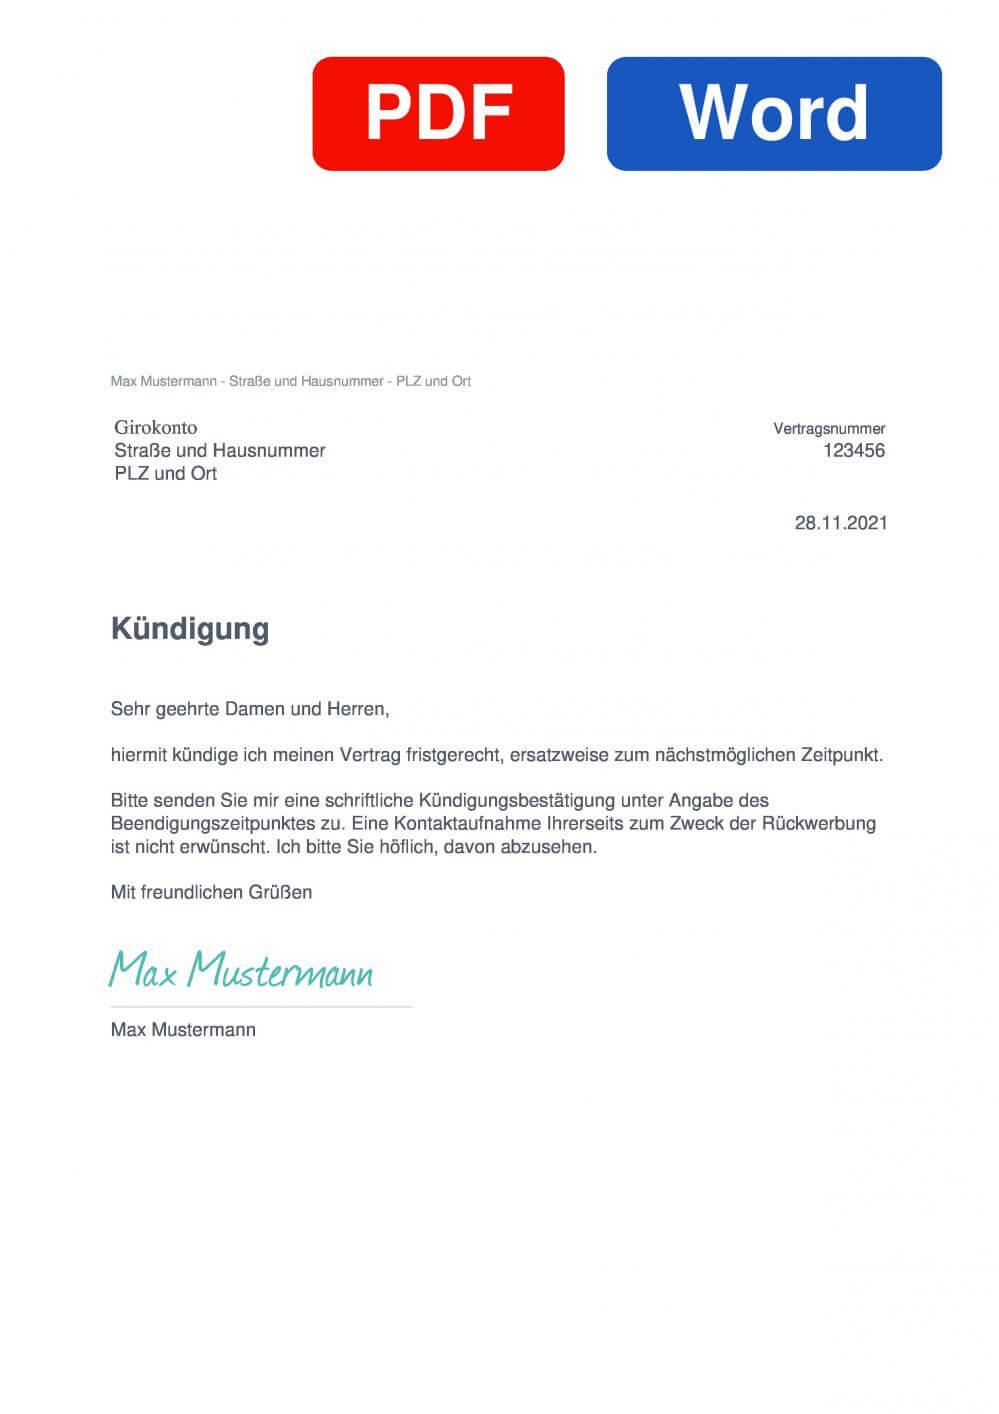 Girokonto Muster Vorlage für Kündigungsschreiben